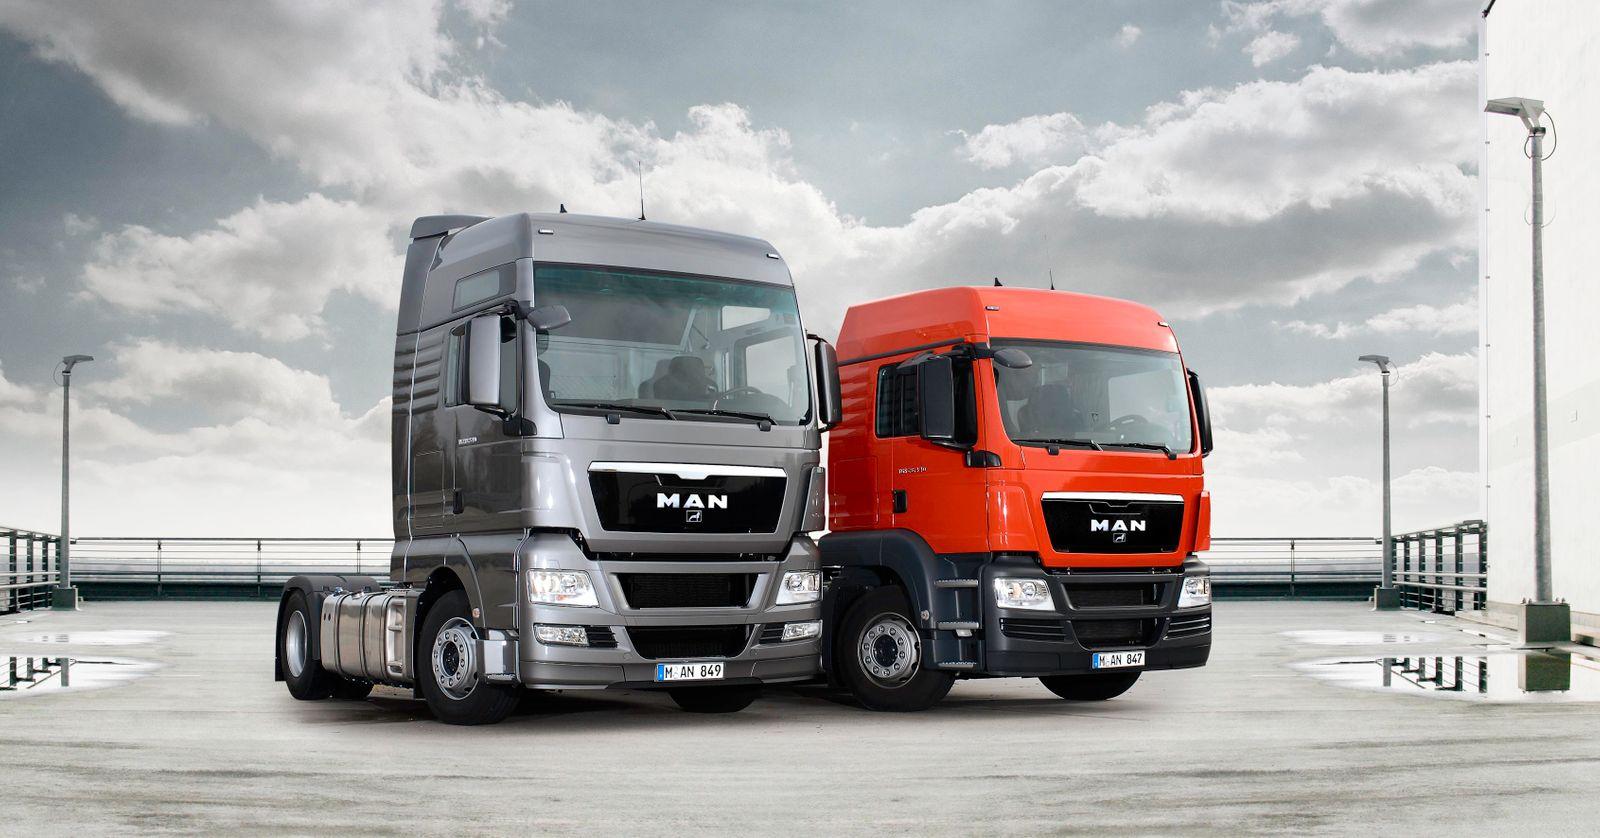 MAN / LKW Hersteller